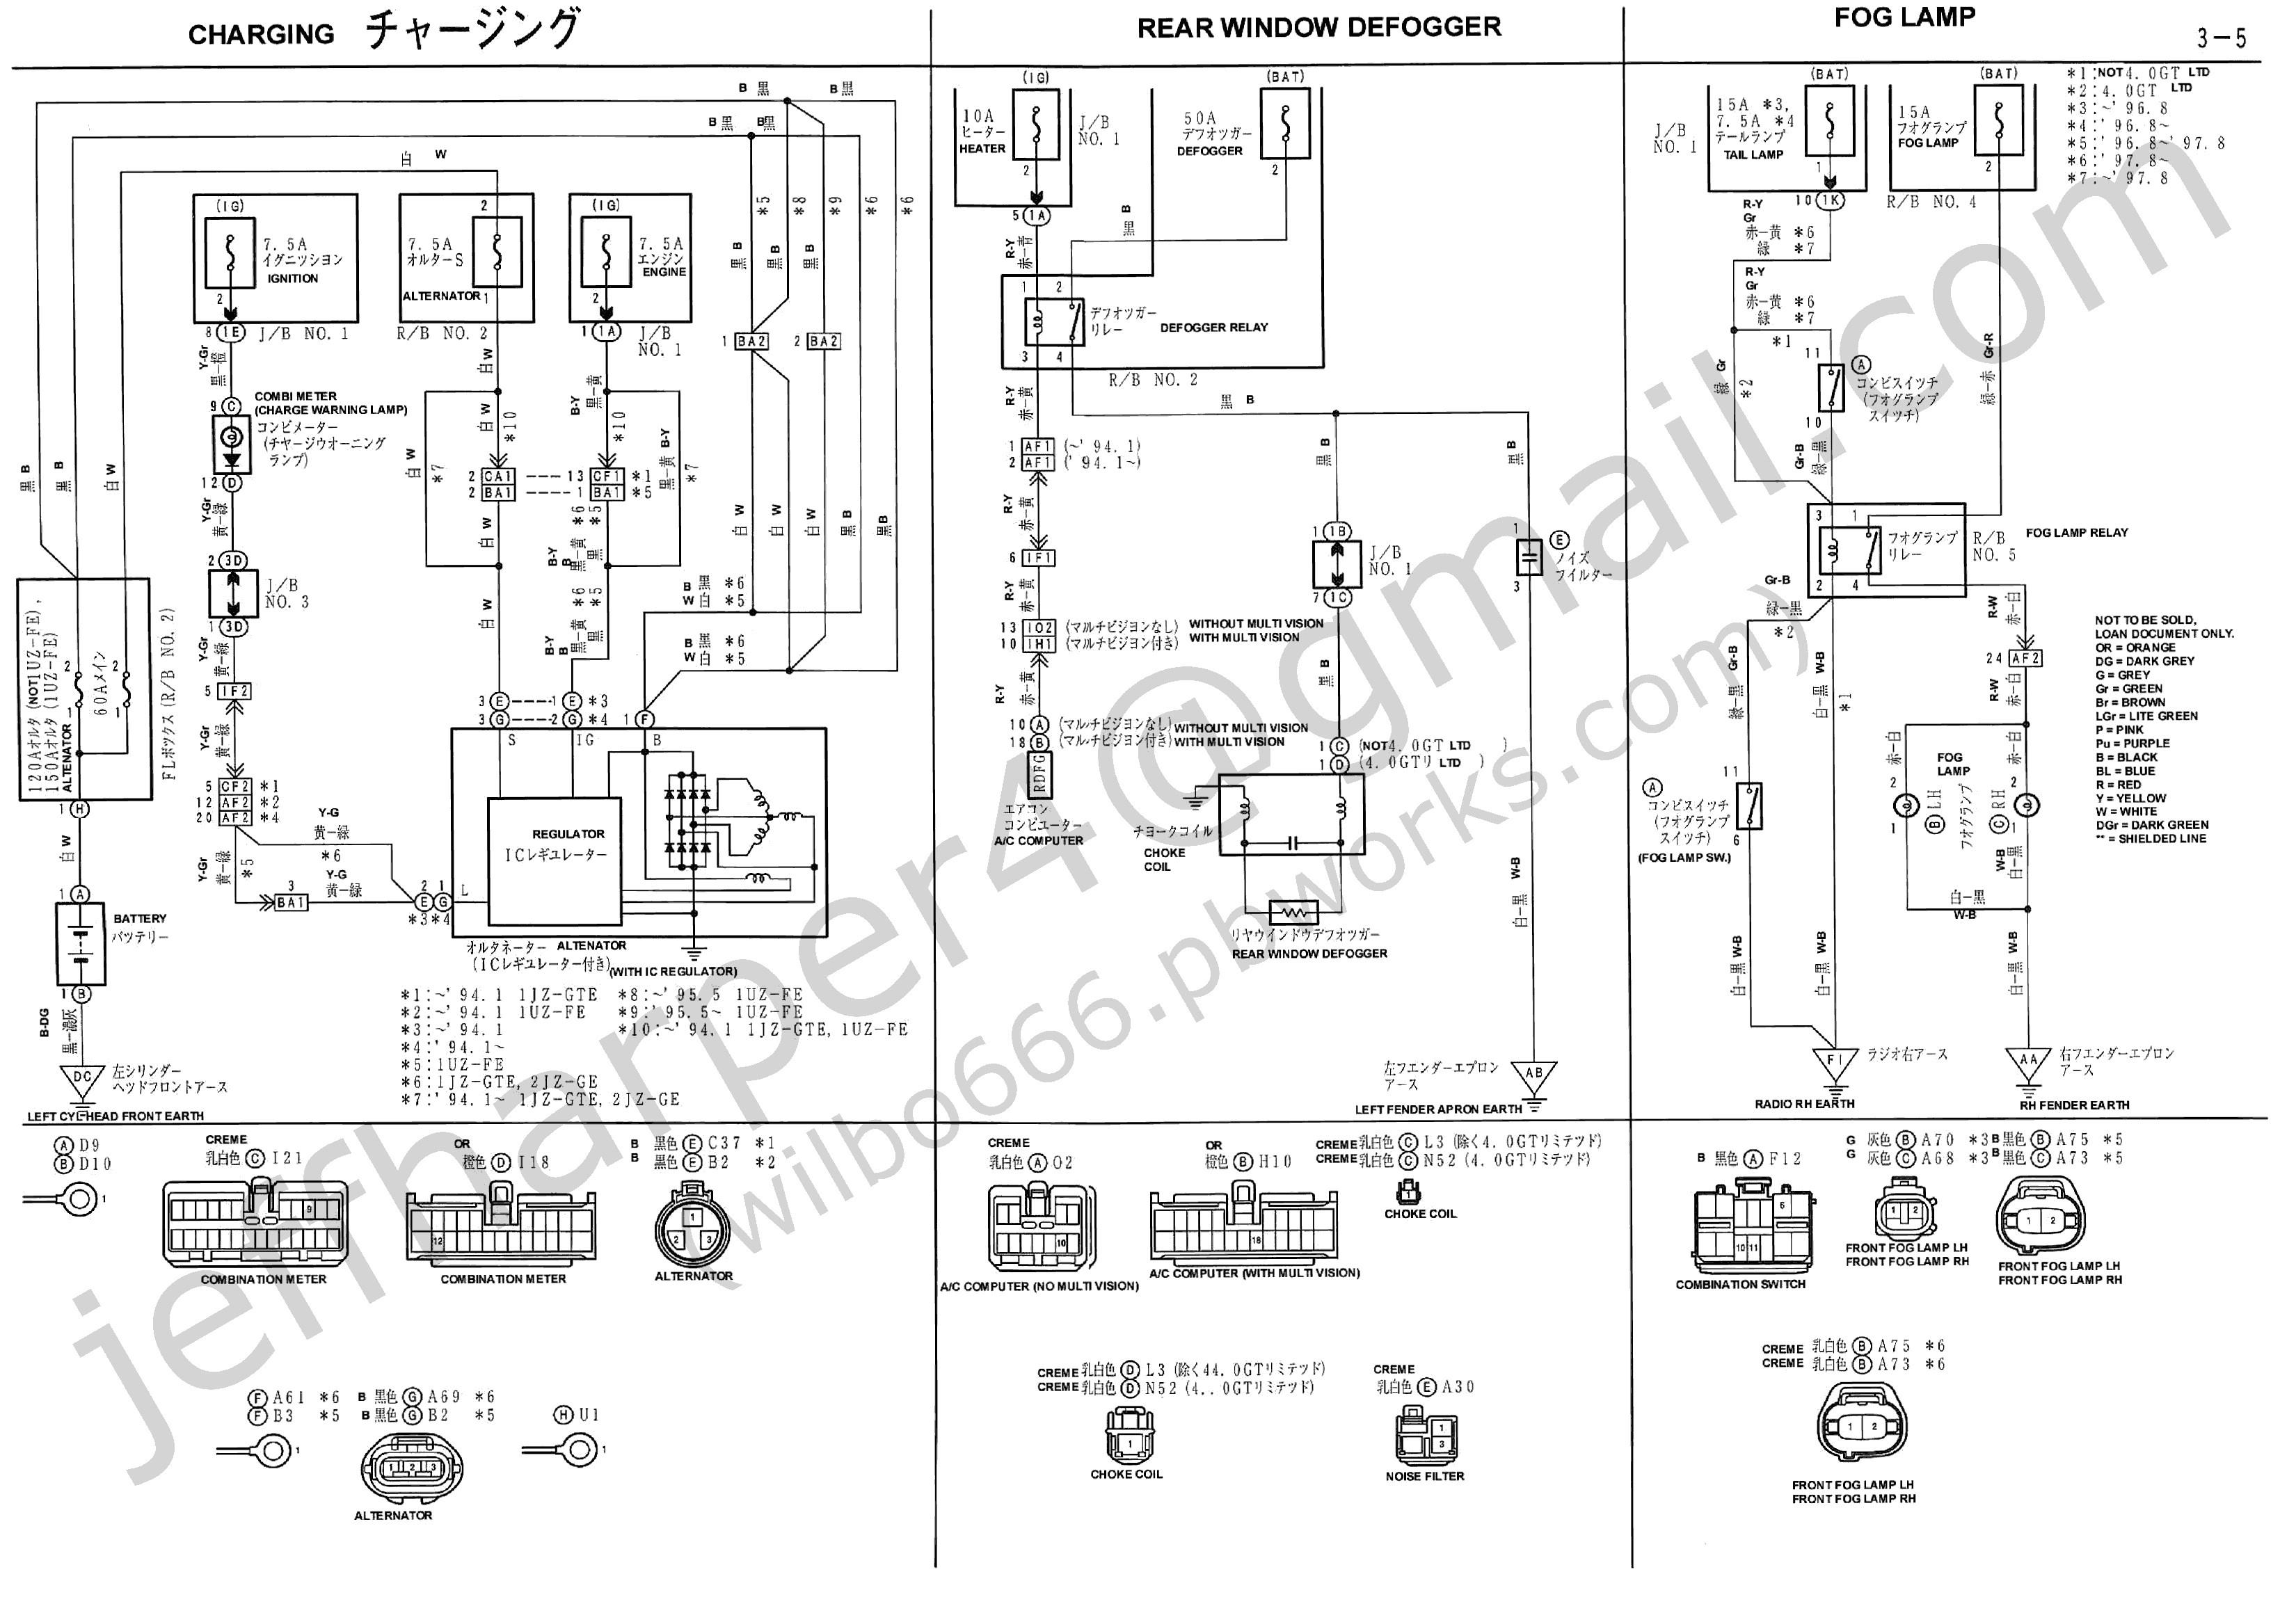 lionel wiring schematics wiring diagram page lionel wiring schematics wire diagram preview lionel wiring schematics